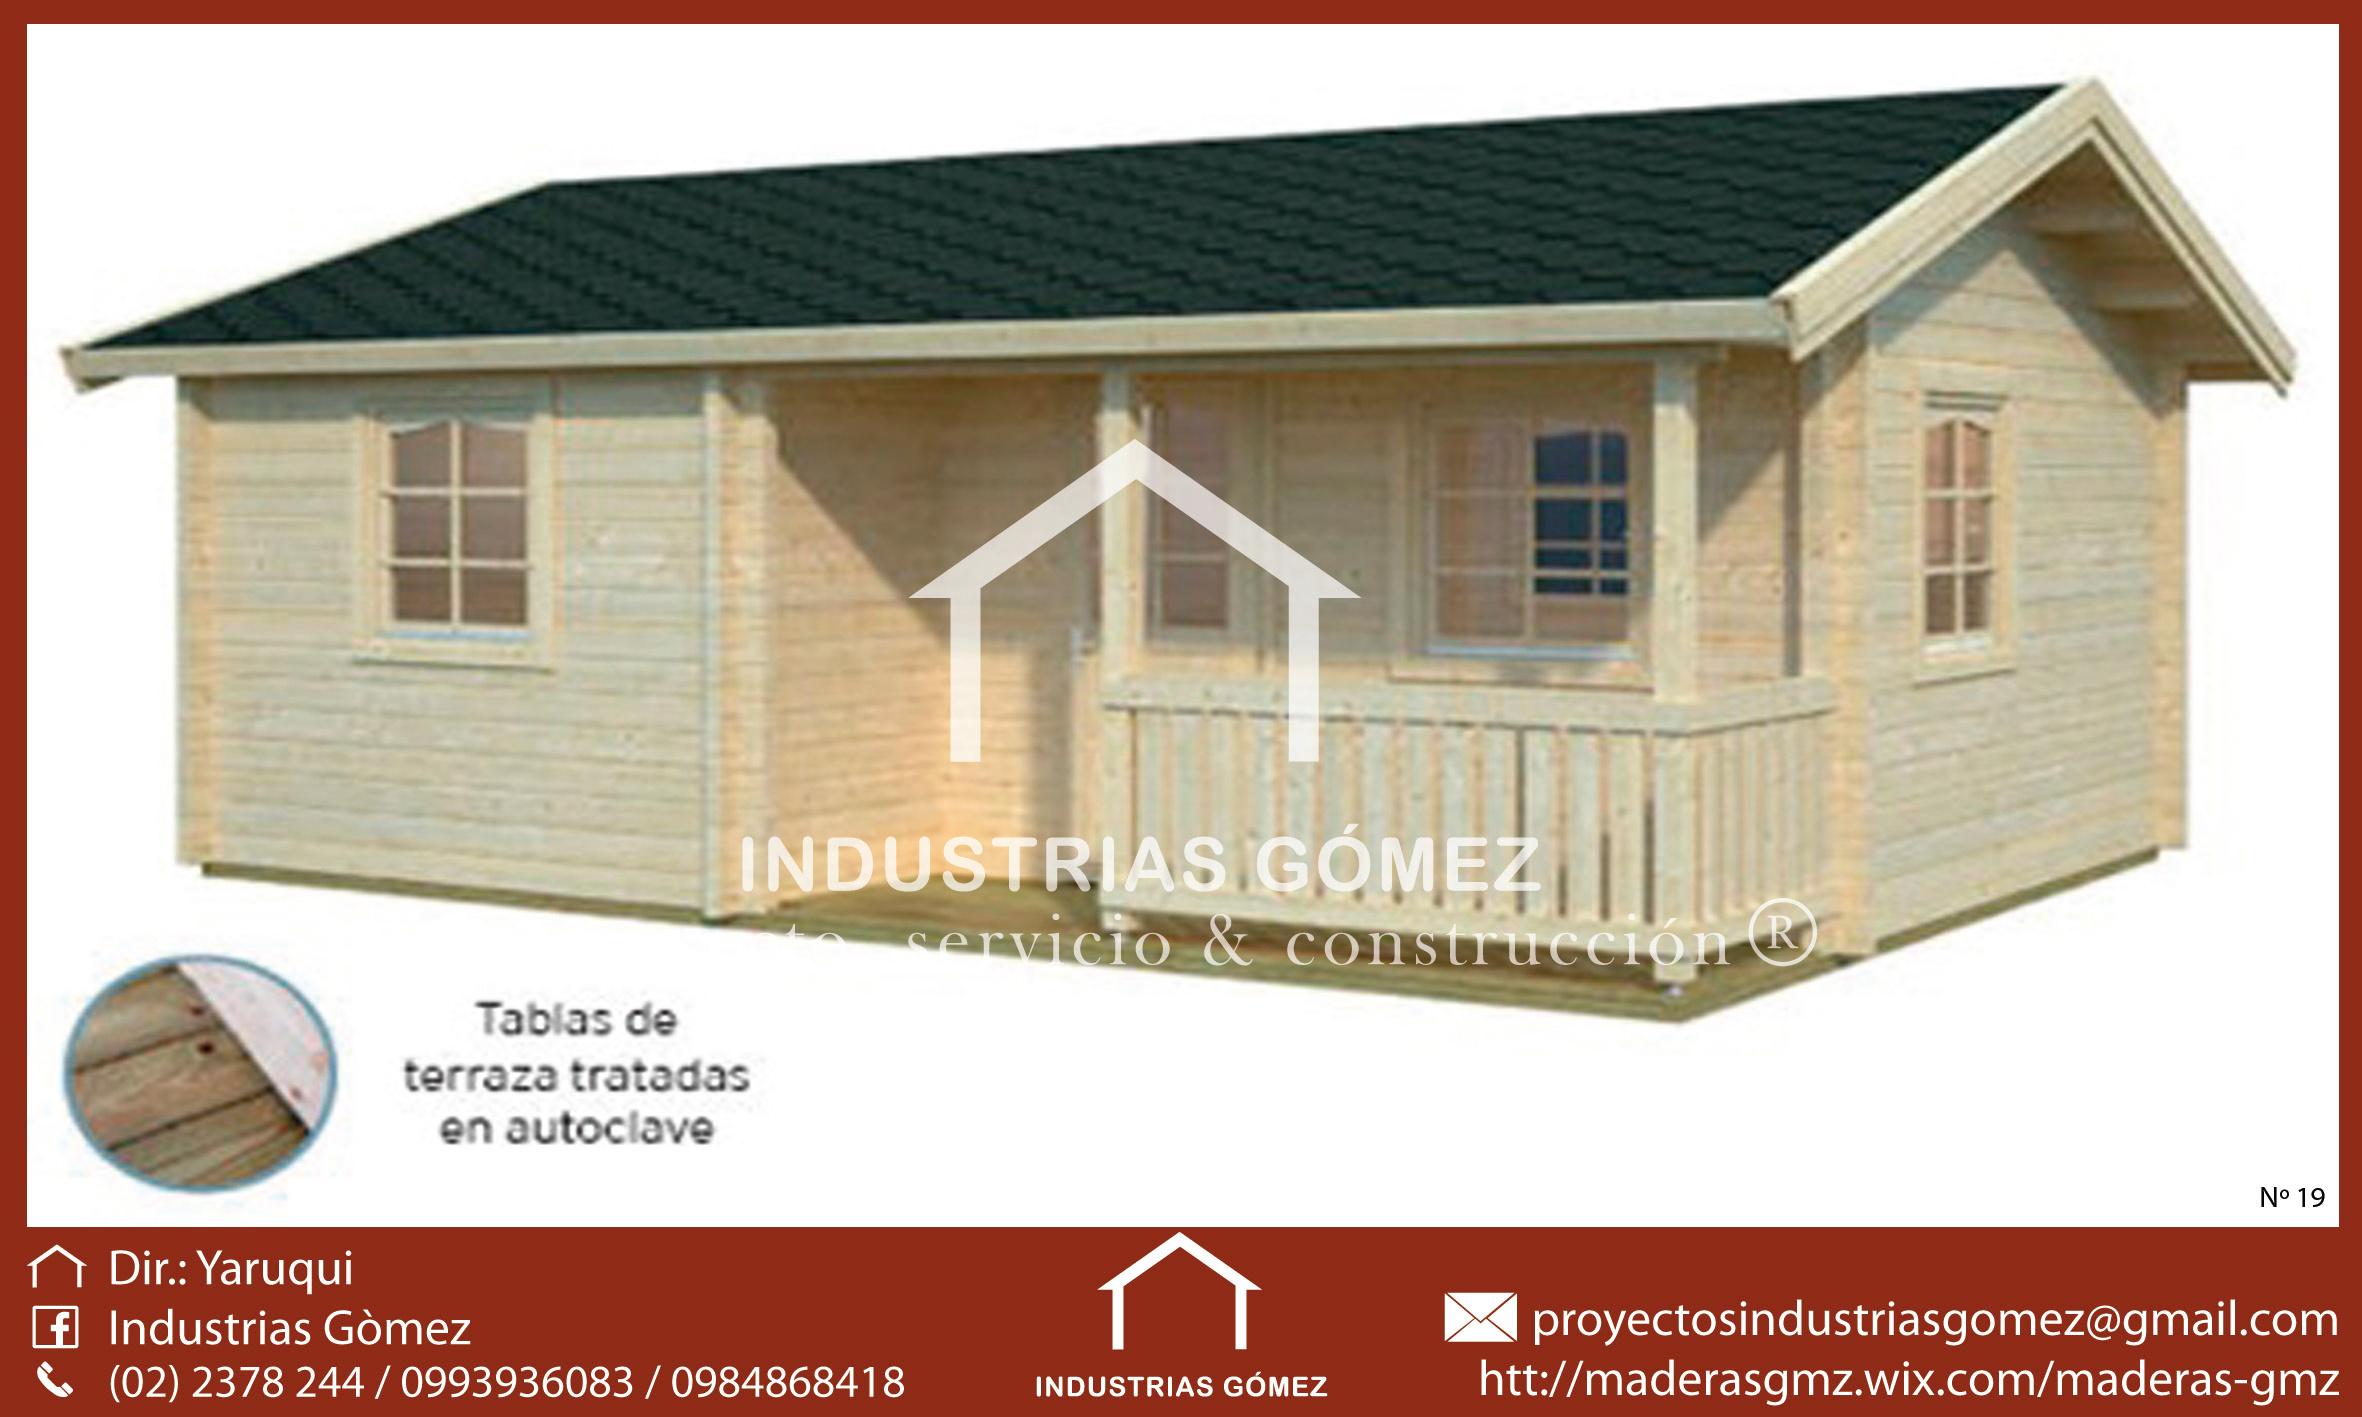 Casas De Madera Industriasgomez